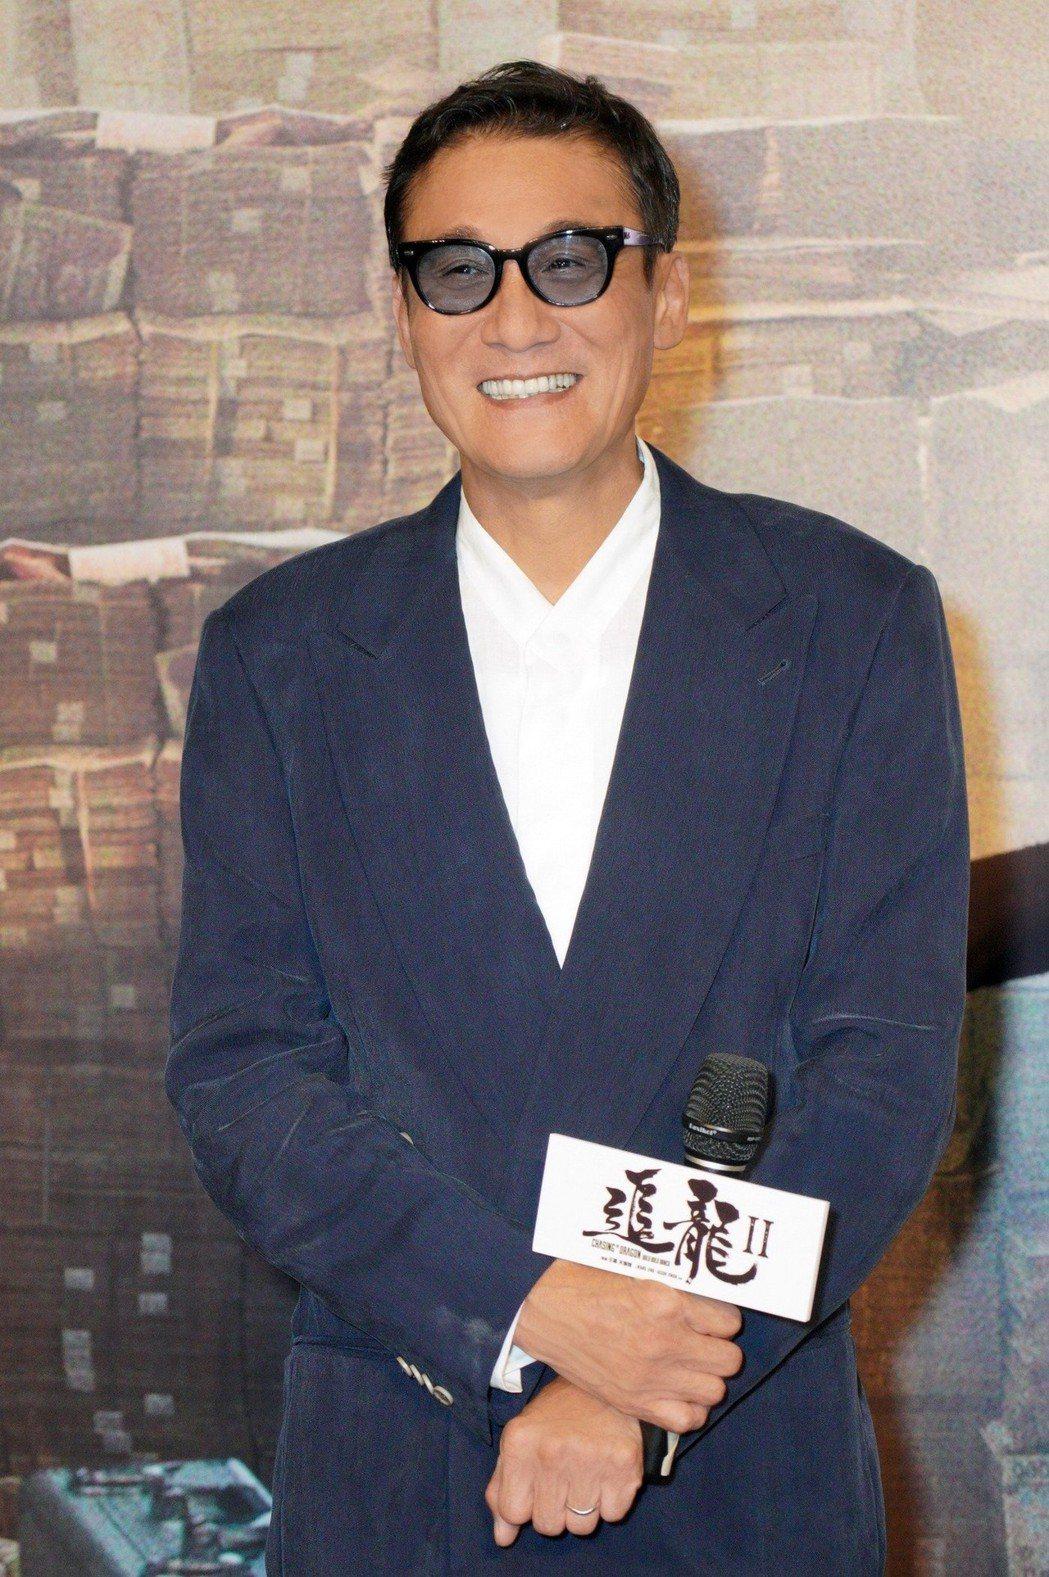 「追龍II賊王」預計6月12日上映。圖/拍攝自網路